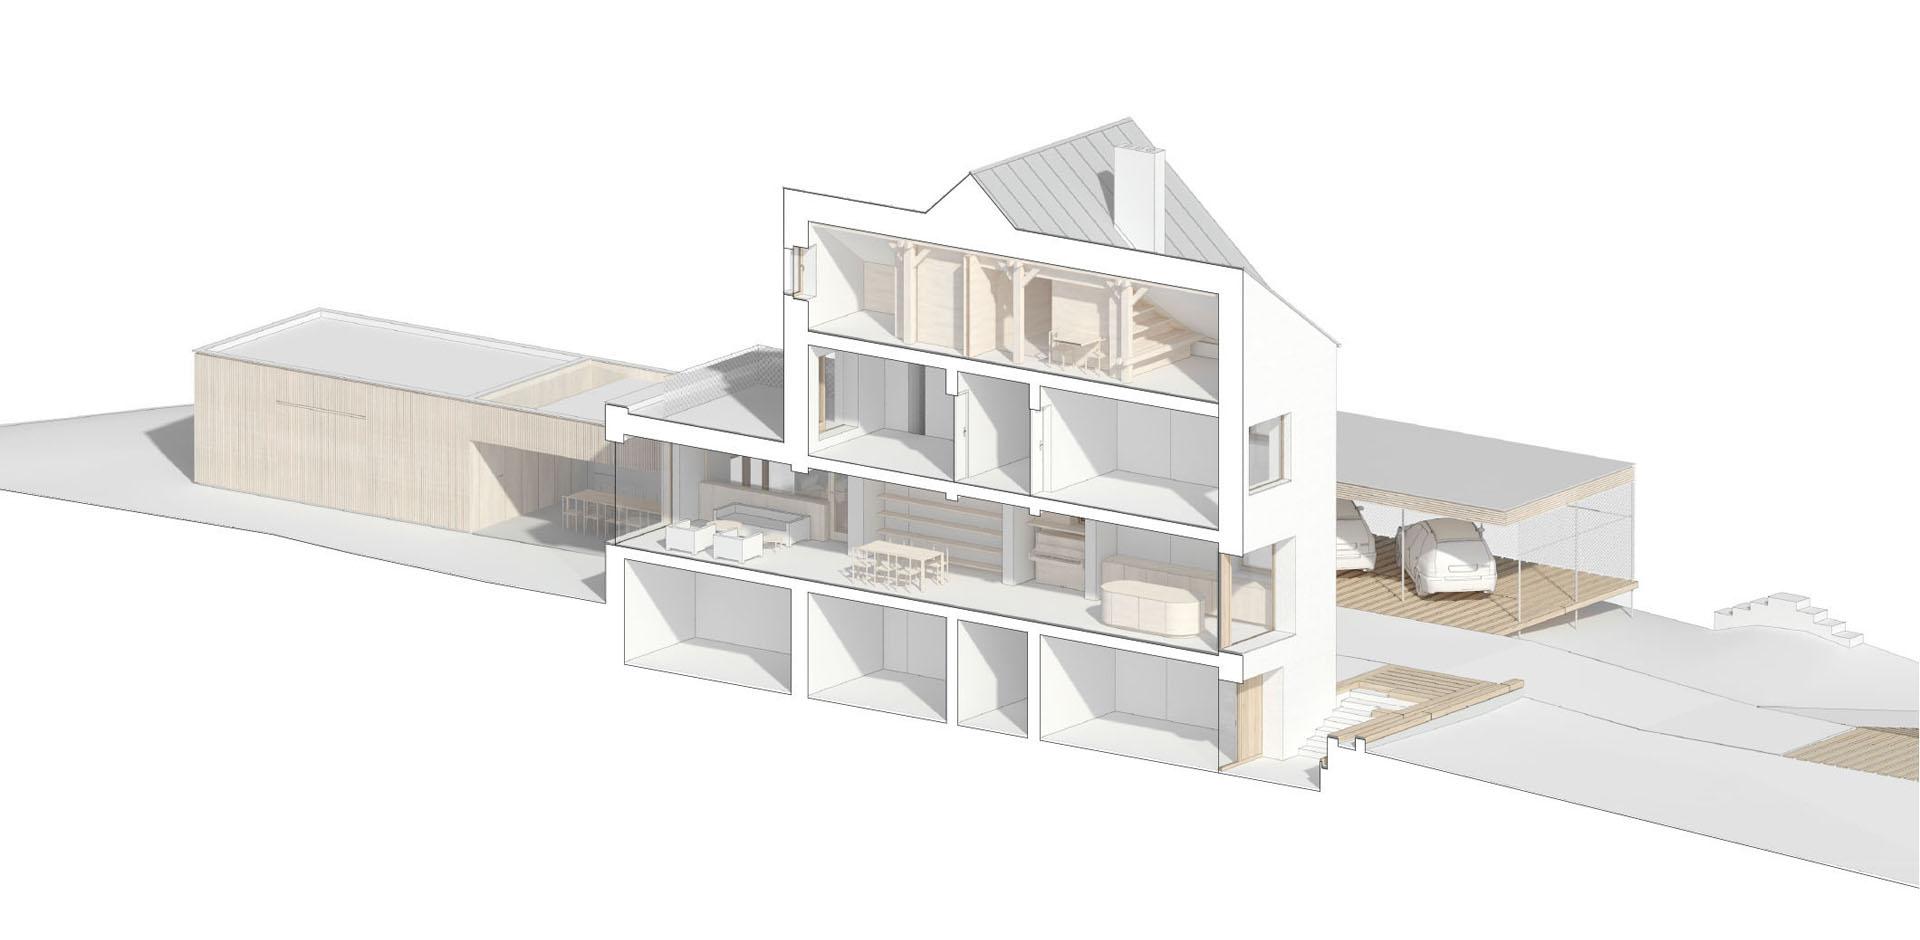 Podélný prostorový řez stávající vilou a novou přístavbou